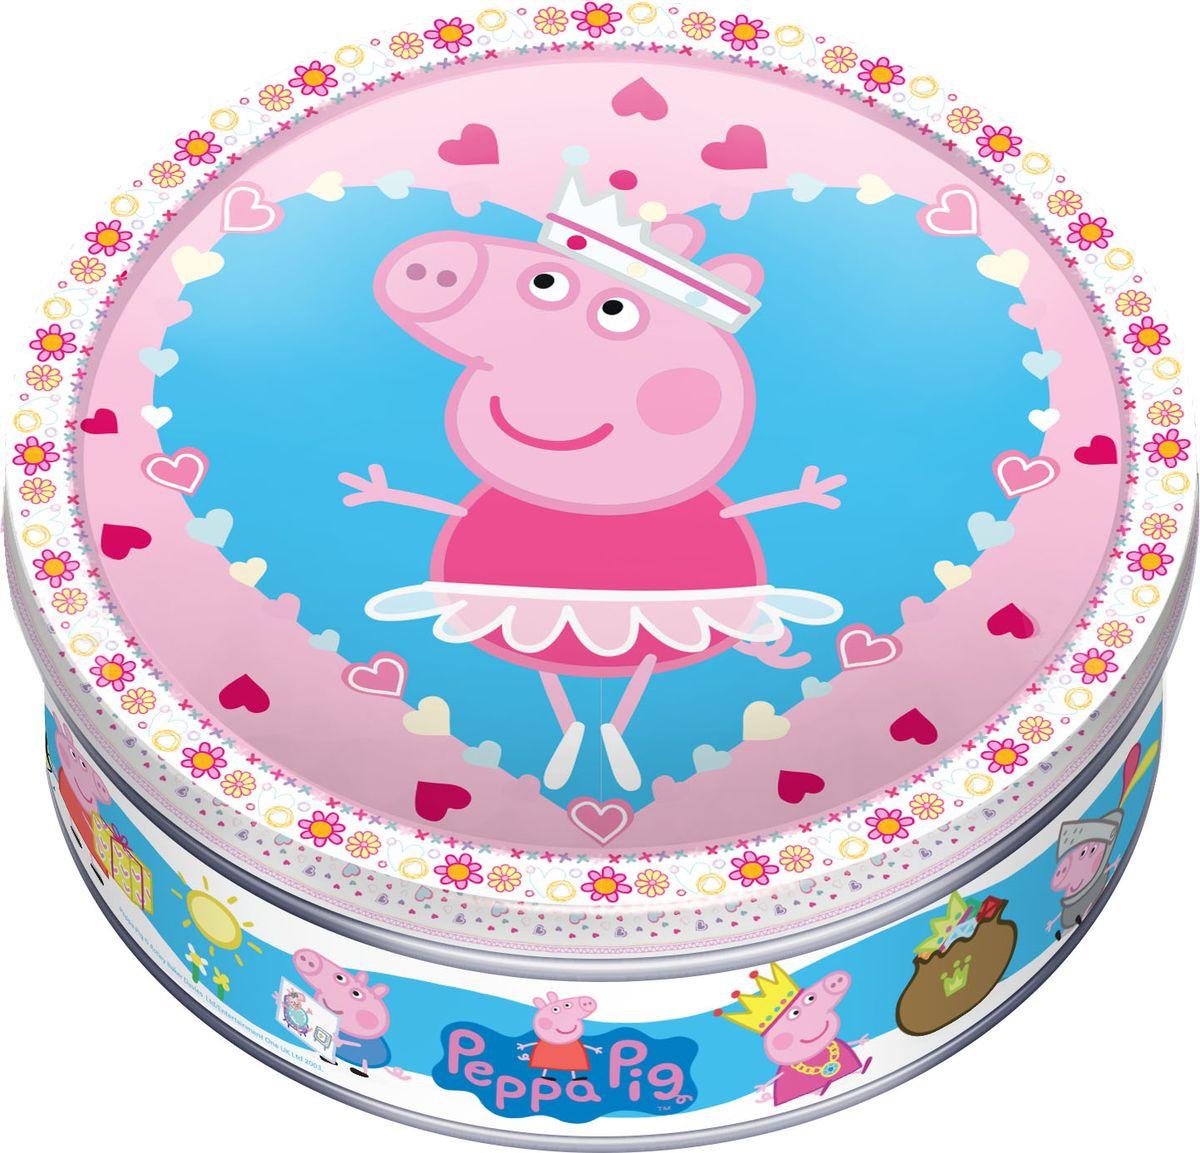 Peppa Pig печенье сдобное с шоколадом, 150 гMC-6-11/PPСвинка Пеппа – один из самых известных брендов в мире! Поклонники мультфильма Свинка Пеппа будут рады, что их любимые персонажи на сладкой продукции. Когда печенье закончится, упаковку можно будет использовать для хранения мелочей, игрушек илиУважаемые клиенты! Обращаем ваше внимание на то, что упаковка может иметь несколько видов дизайна. Поставка осуществляется в зависимости от наличия на складе.